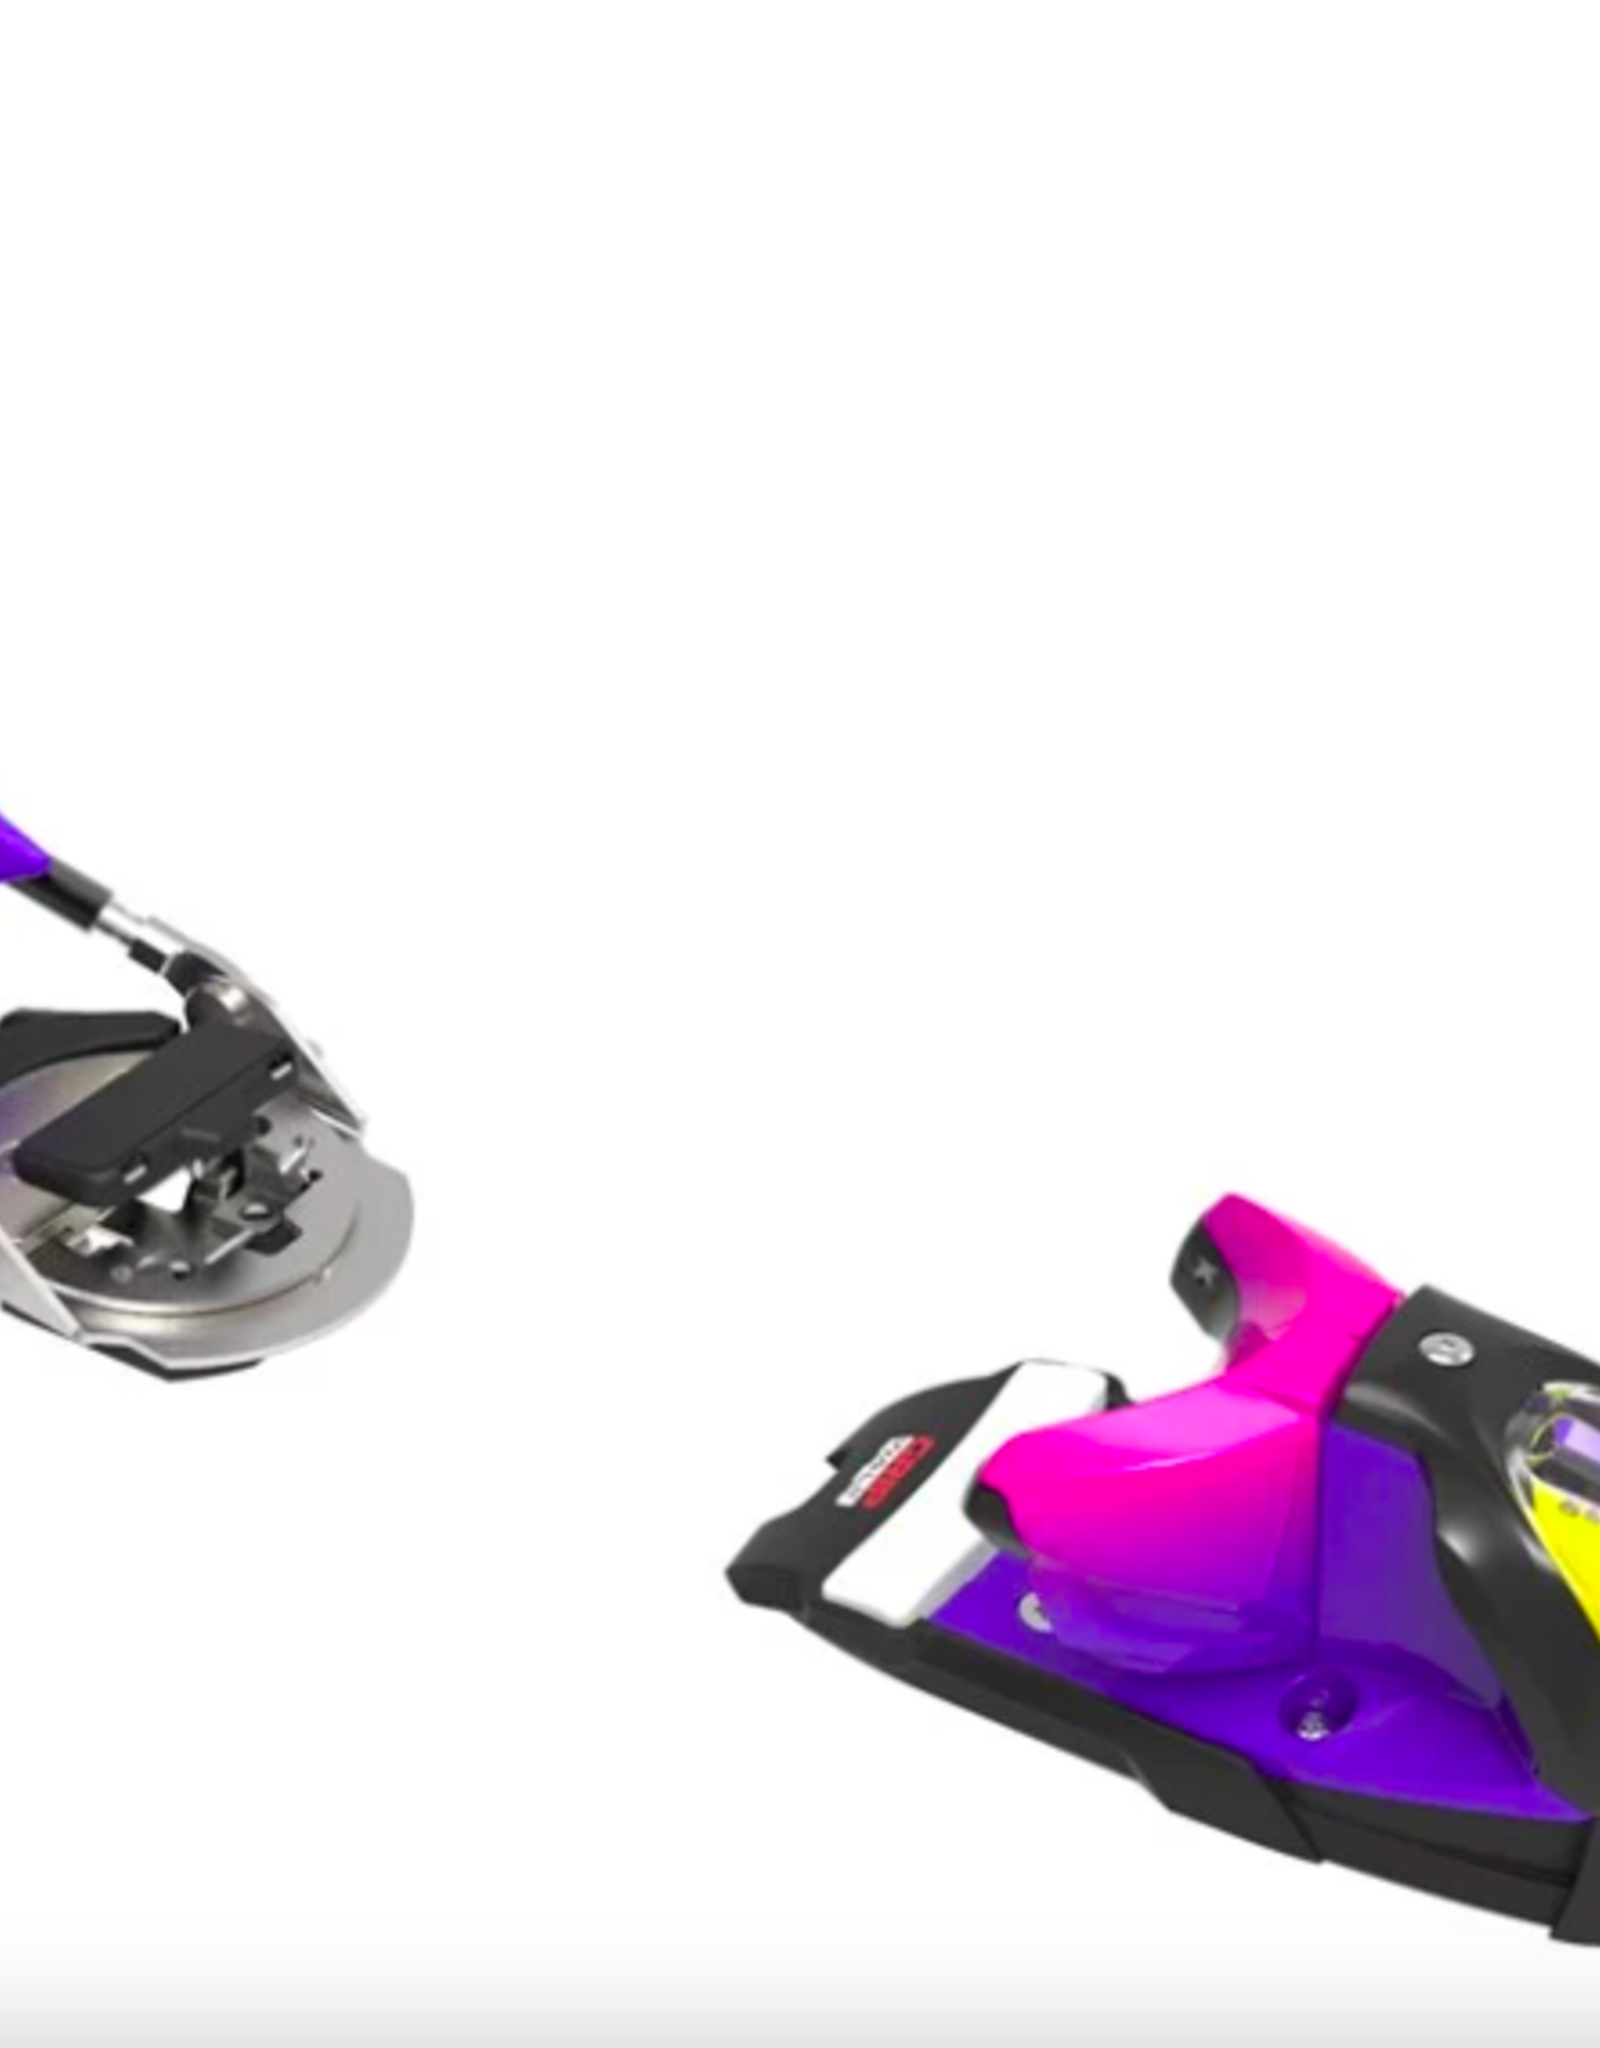 Look Pivot 14 GW Ski Bindings Forza 2.0 2022